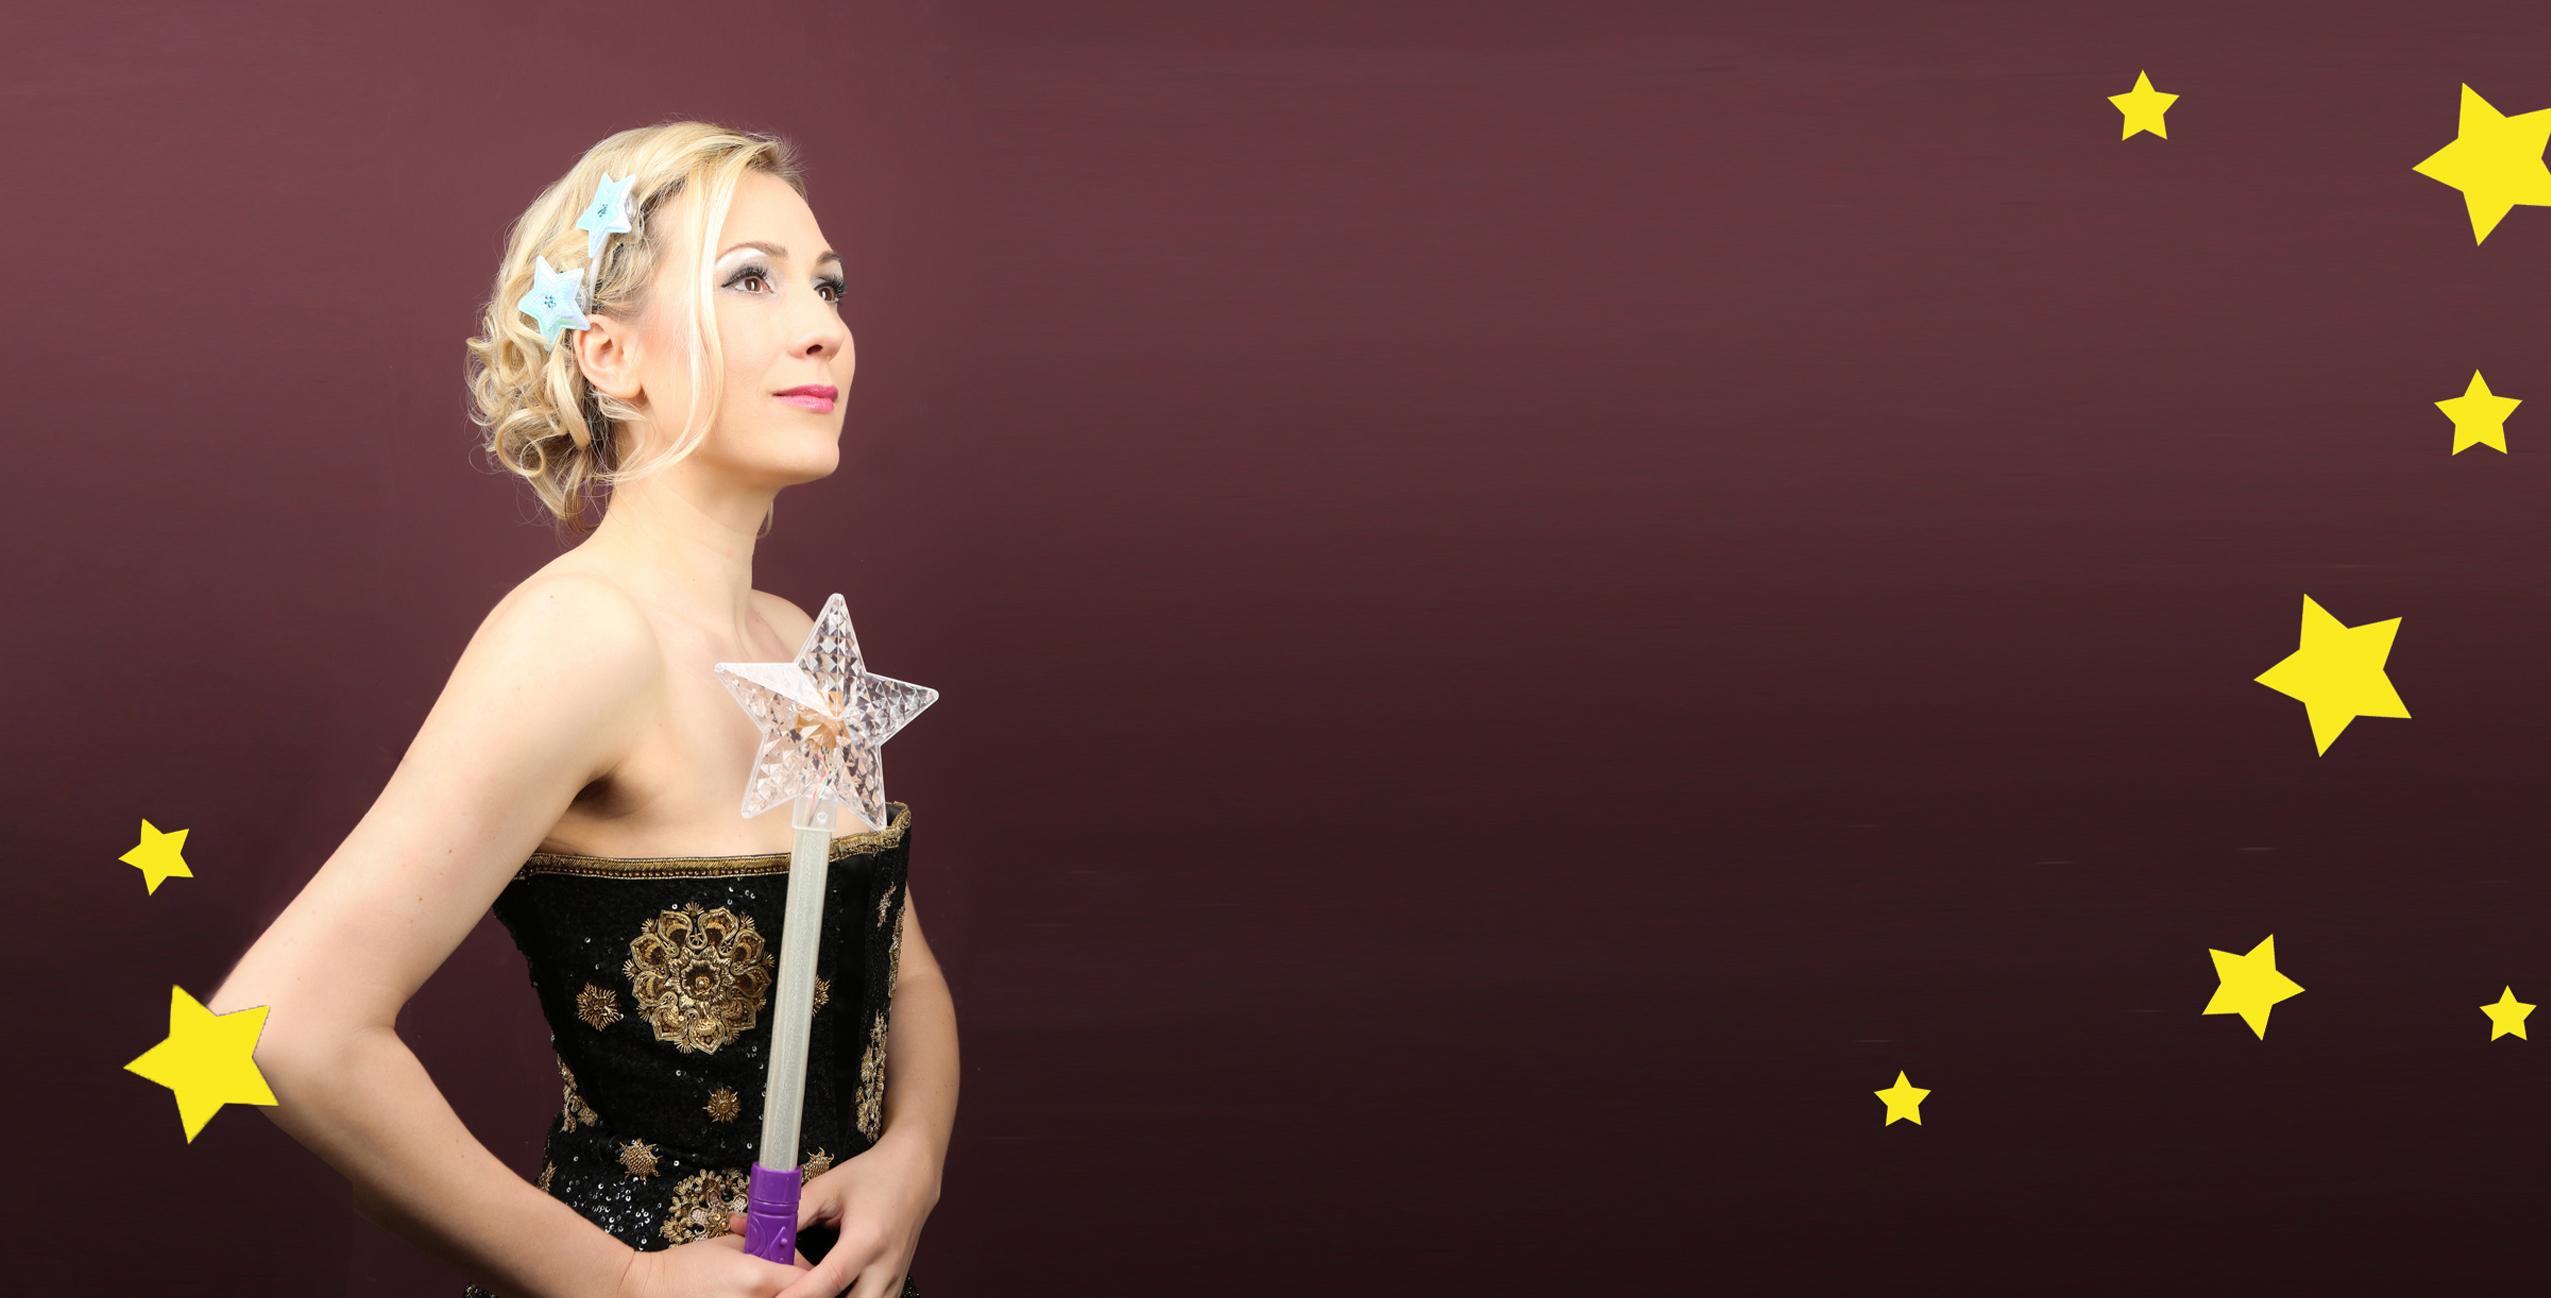 Die Sternenfee Astrella